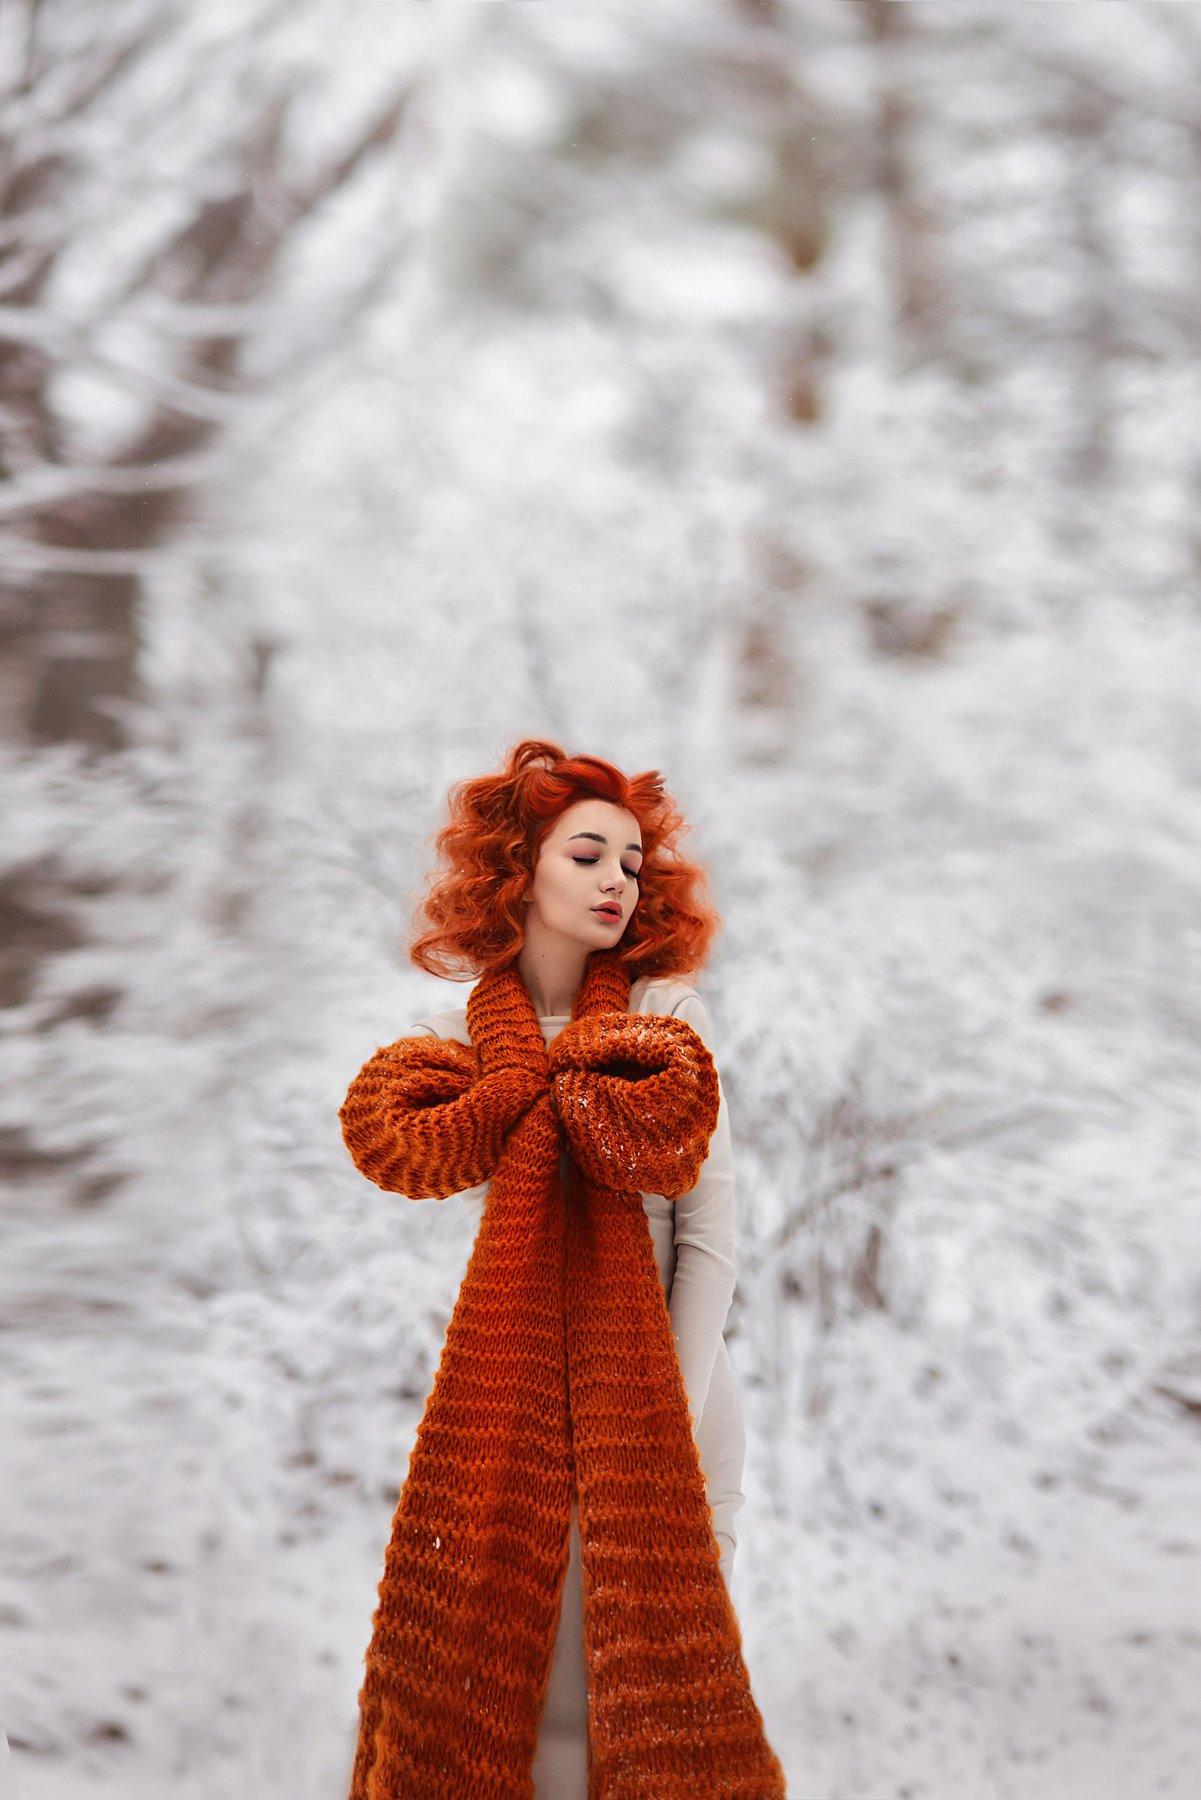 желание,шарф,зима,вязанный шарф,холод,мороз,девушка,портрет, Ilona